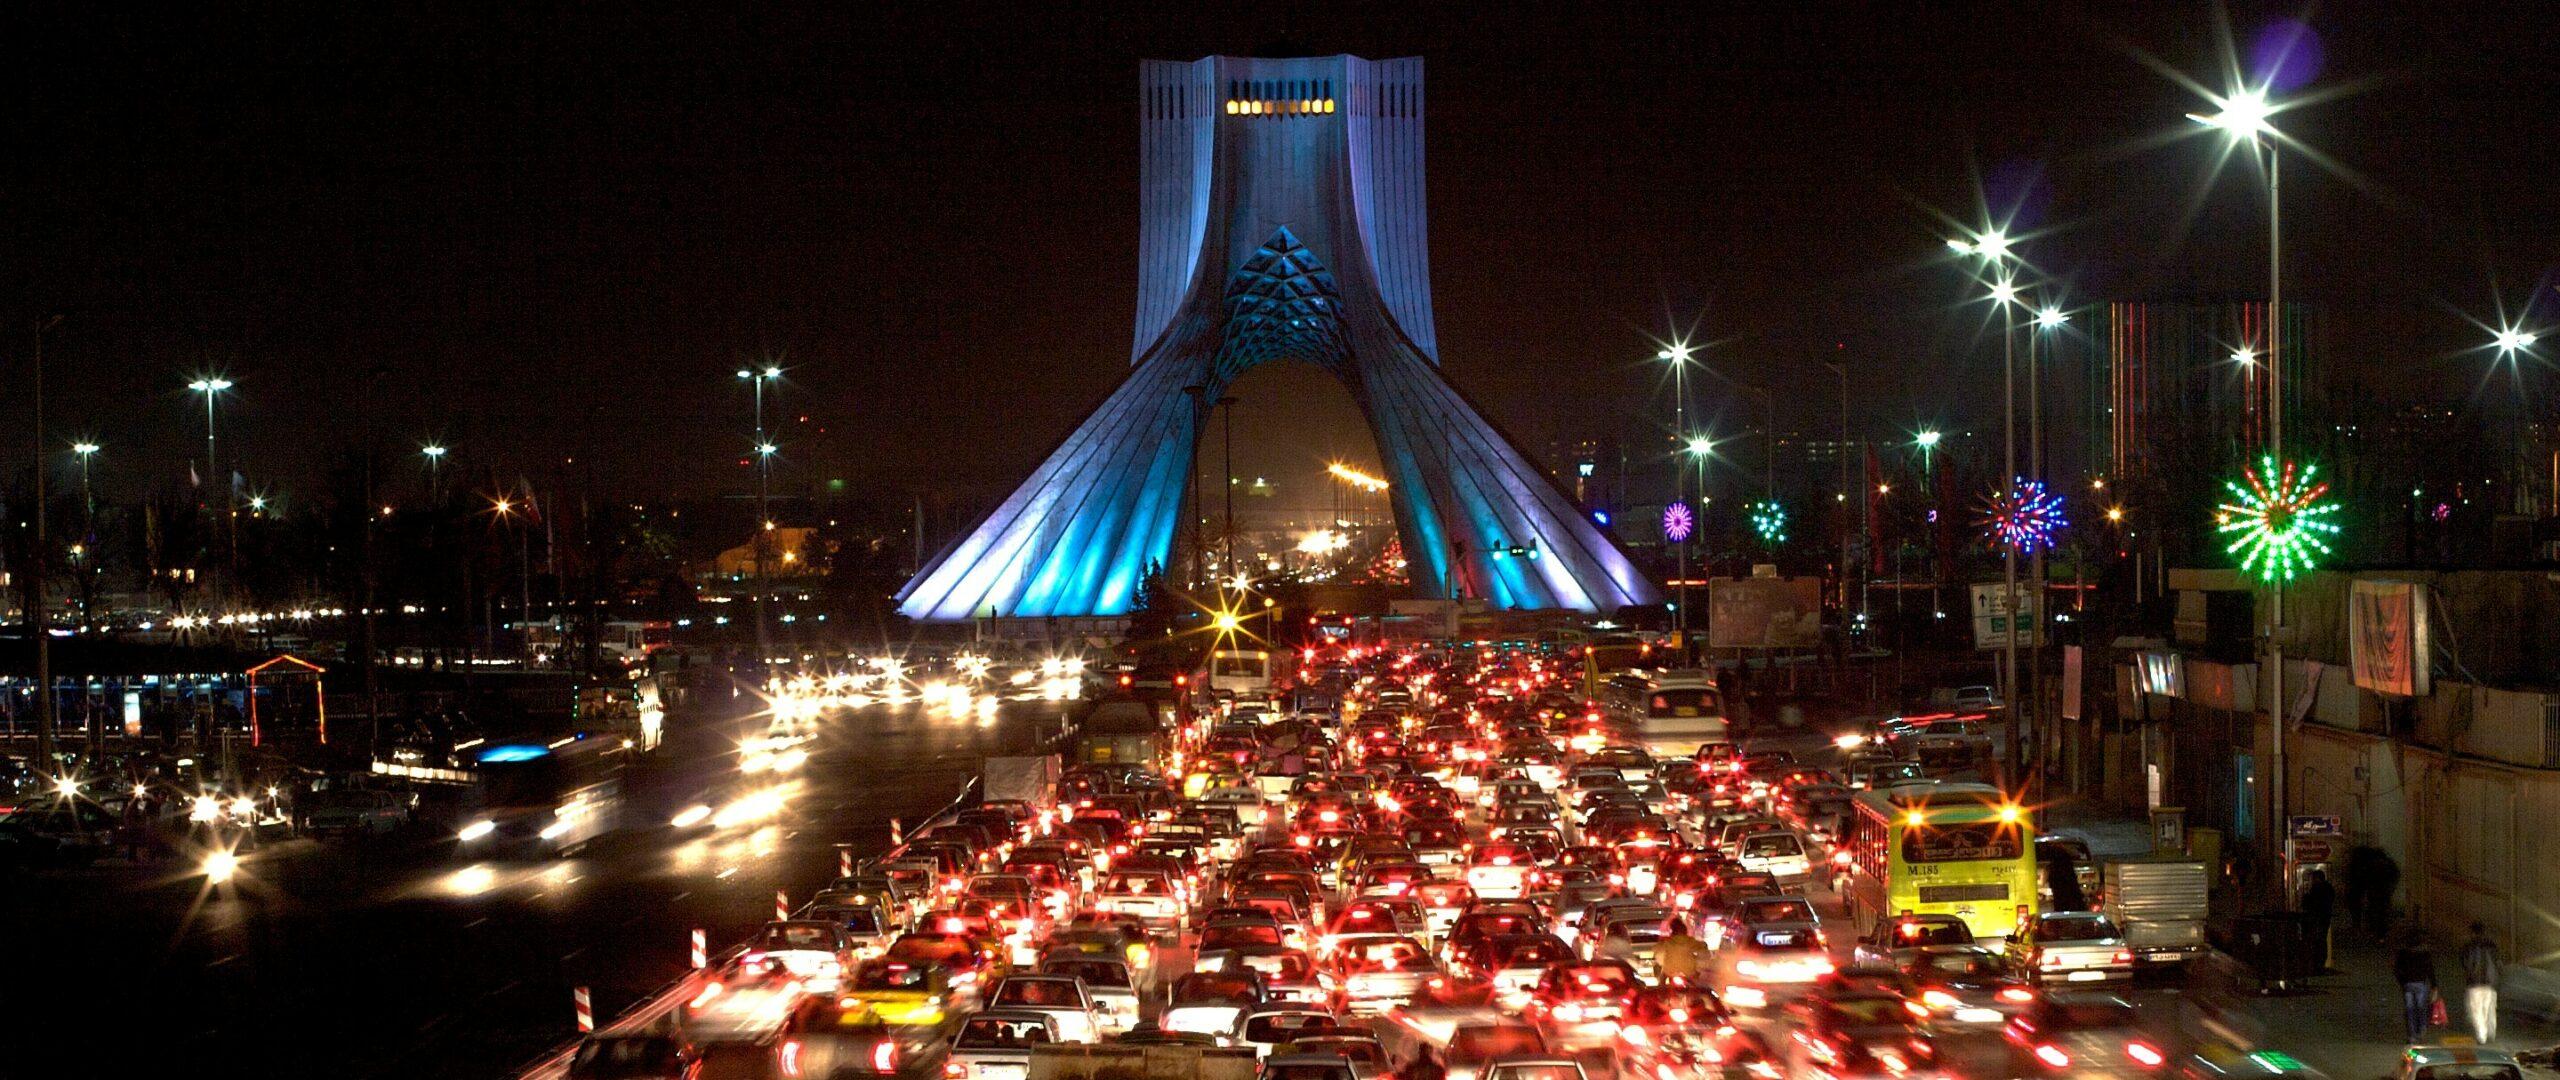 خیابان های دیدنی تهران